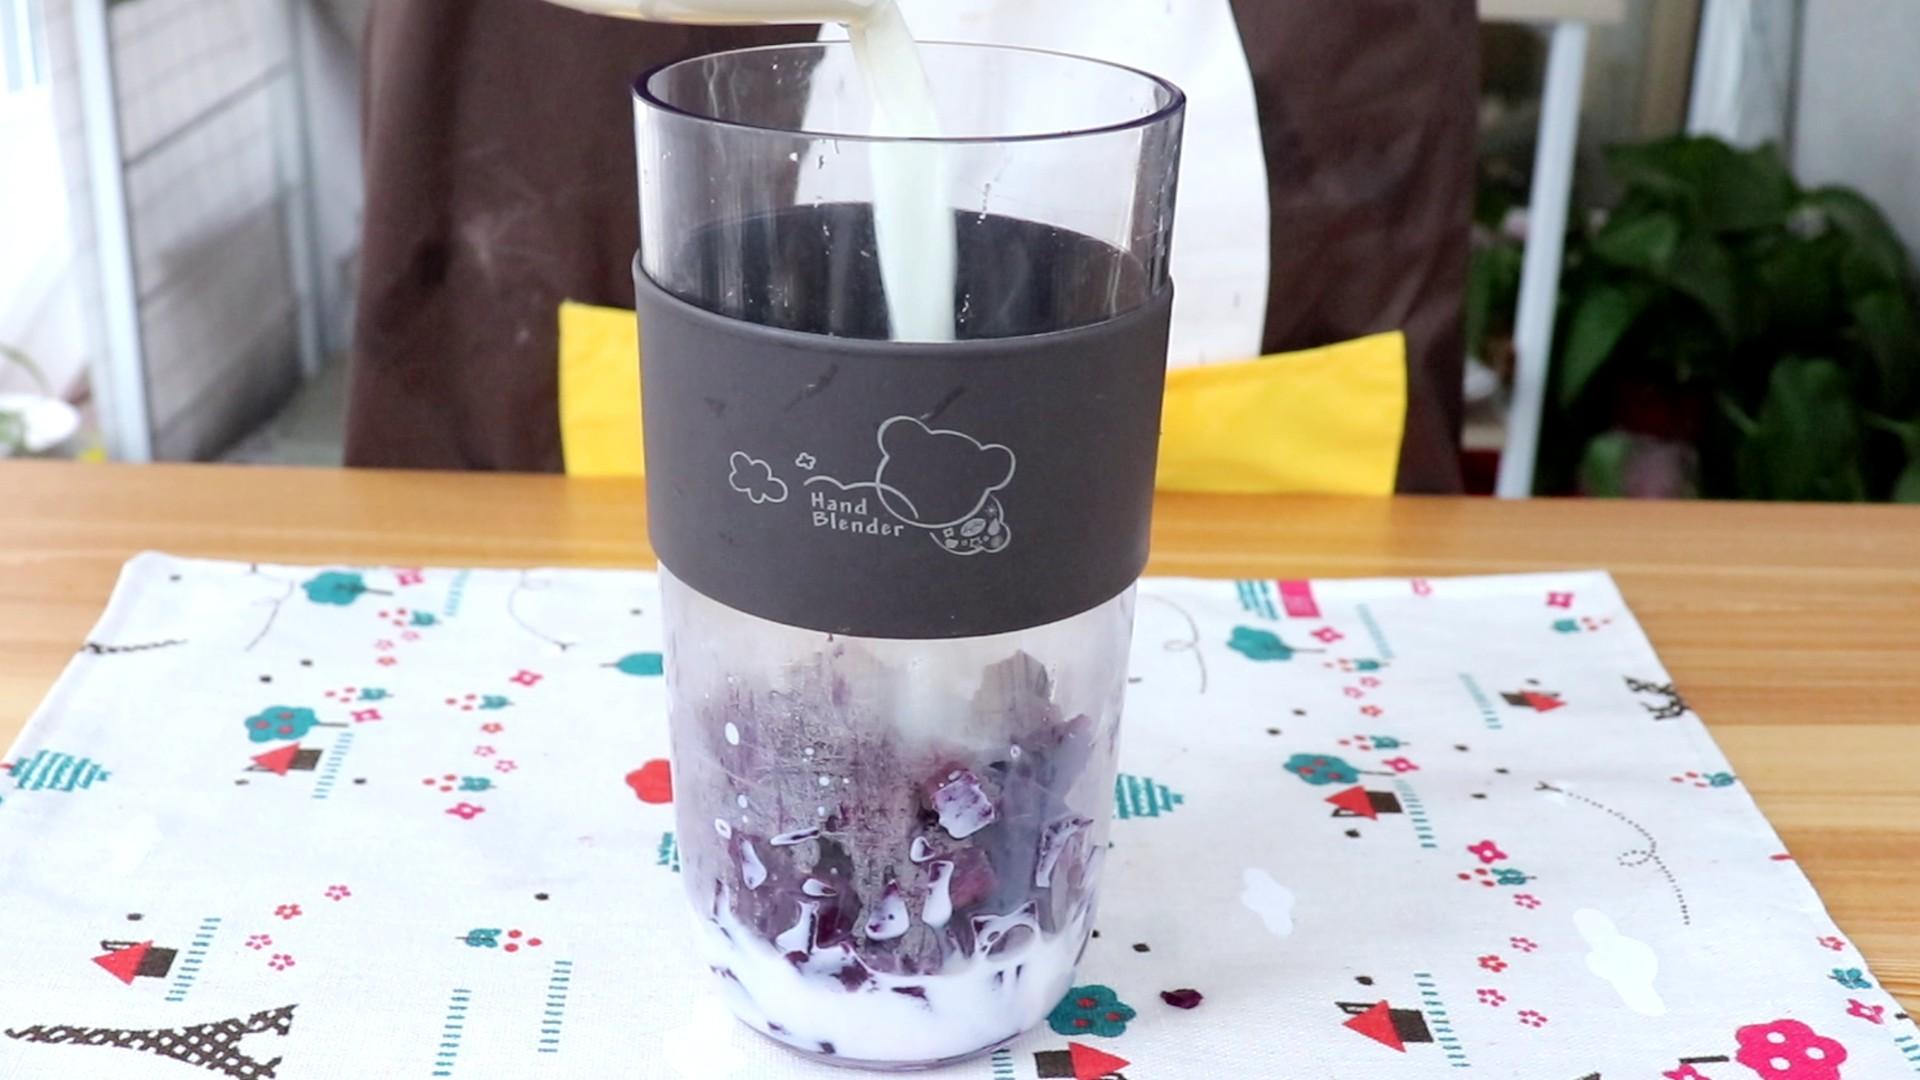 奶香南瓜紫薯泥,同理,将蒸熟的紫薯倒入料理杯中,加100ml配方奶</p> <p>tips:配方奶也可以用等量的温水代替